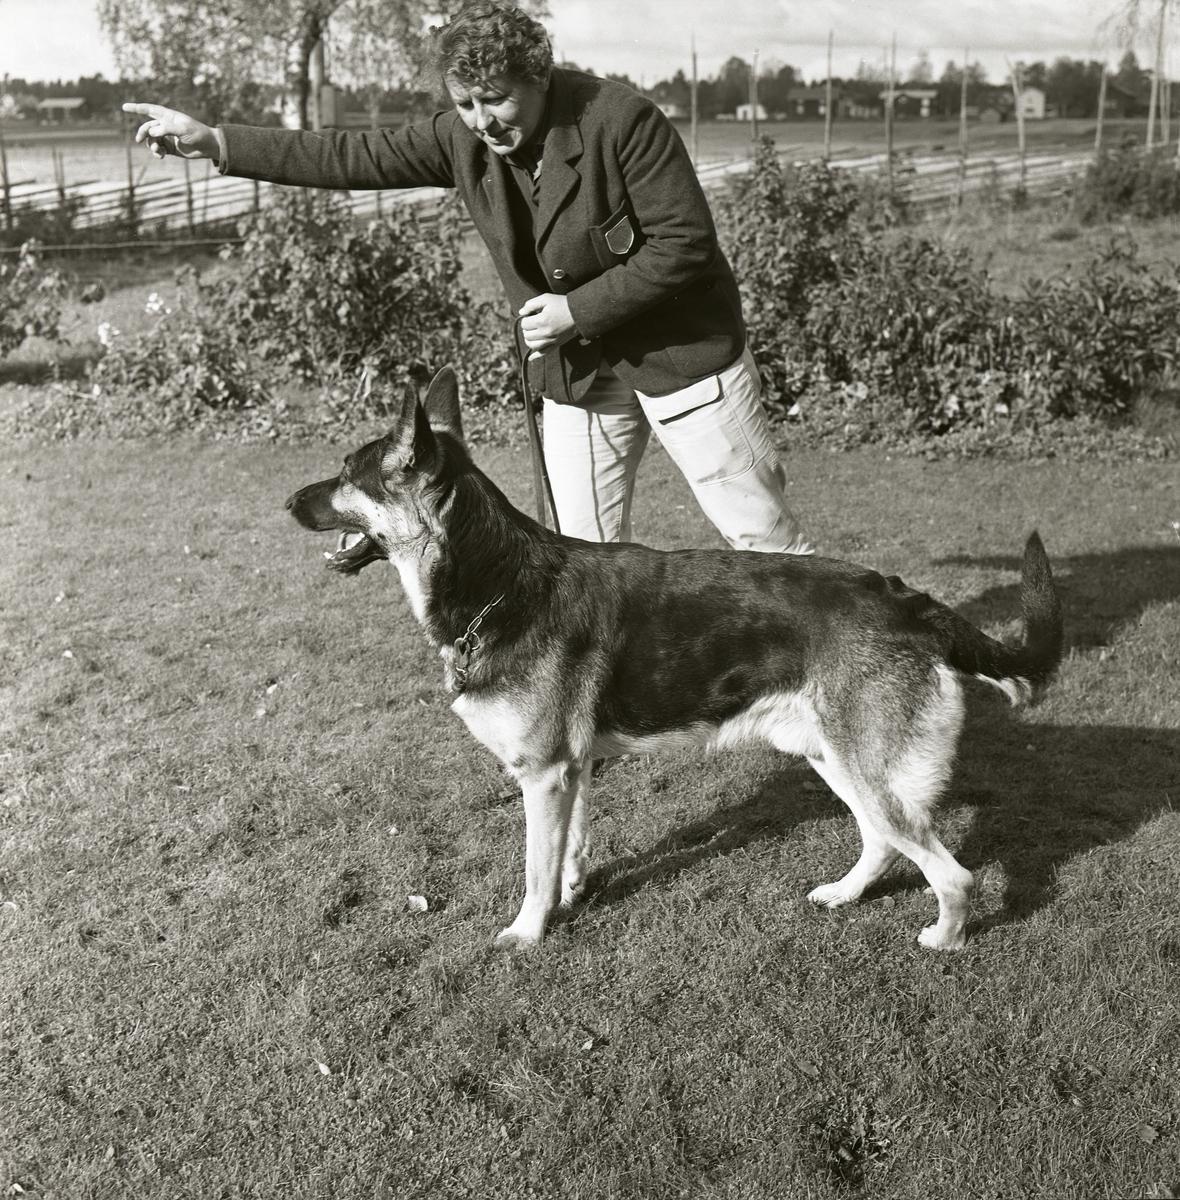 En person står med en schäferhund i koppel på en gräsmatta, oktober 1964.